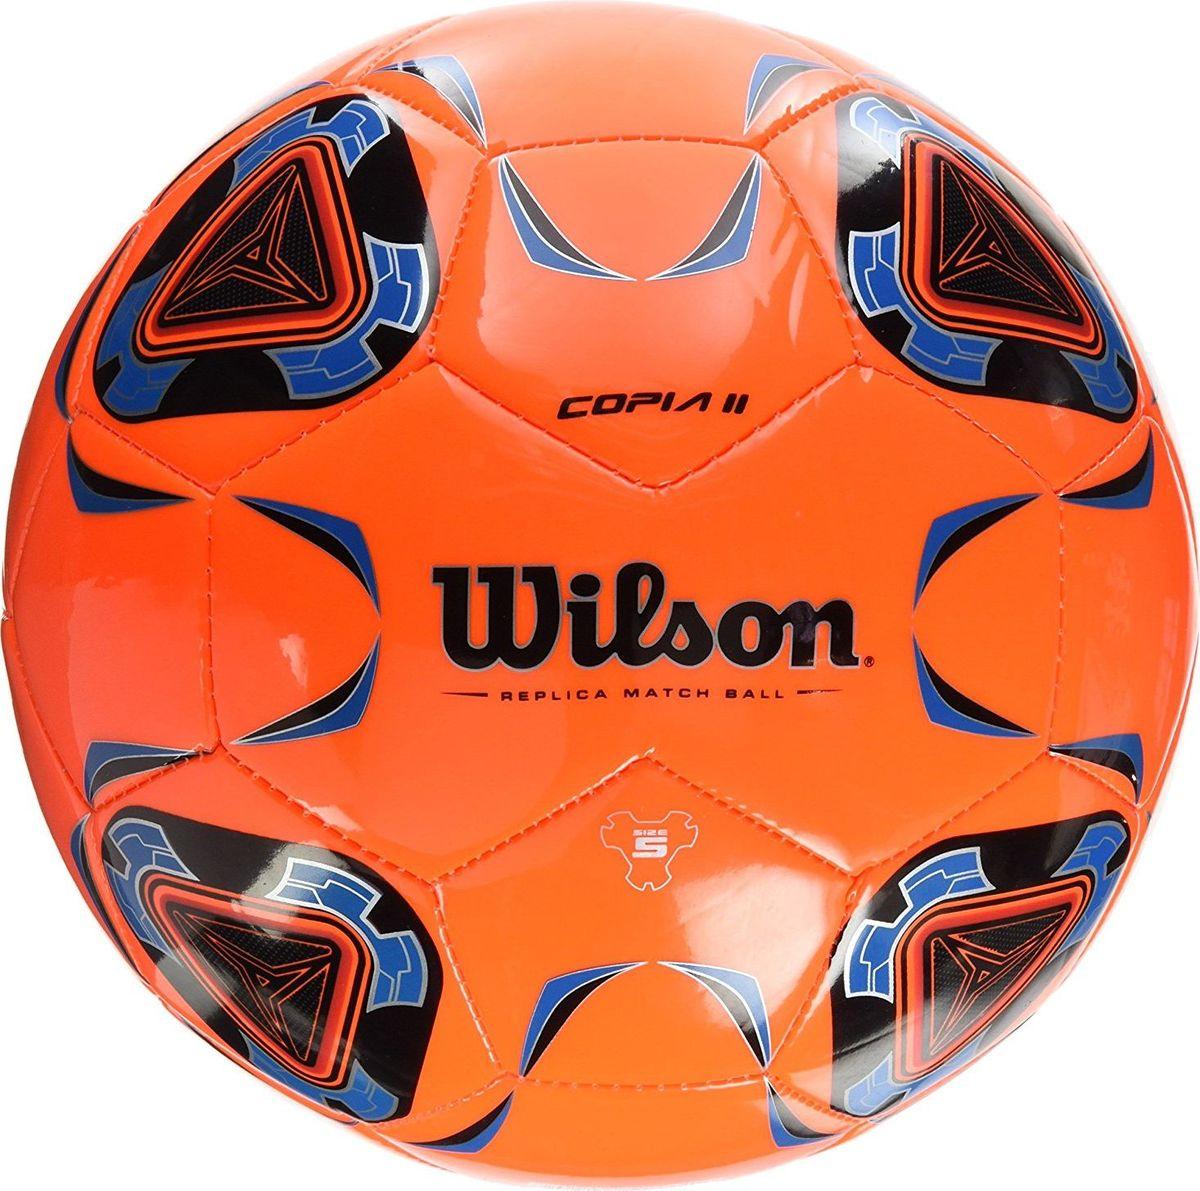 Мяч футбольный Wilson Copia II, цвет: оранжевый. Размер 5WTE9282XB05Футбольный мяч Wilson Copia II выполнен из композитных материалов. Мяч имеет 32 панели, сшитые вручную. Устойчив к трению и износу, подходит для игры на любых поверхностях в любых погодных условиях. Футбольный мяч Wilson Copia II может выдерживать не только грунтовые поверхности, но и асфальт, он стойкий к сильным ударам, комфортный и оригинальный благодаря своему дизайну.Длина окружности: 68 см. УВАЖАЕМЫЕ КЛИЕНТЫ!Просим обратить ваше внимание на тот факт, что мяч поставляется в сдутом состоянии и надувается при помощи насоса (насос не входит в комплект).